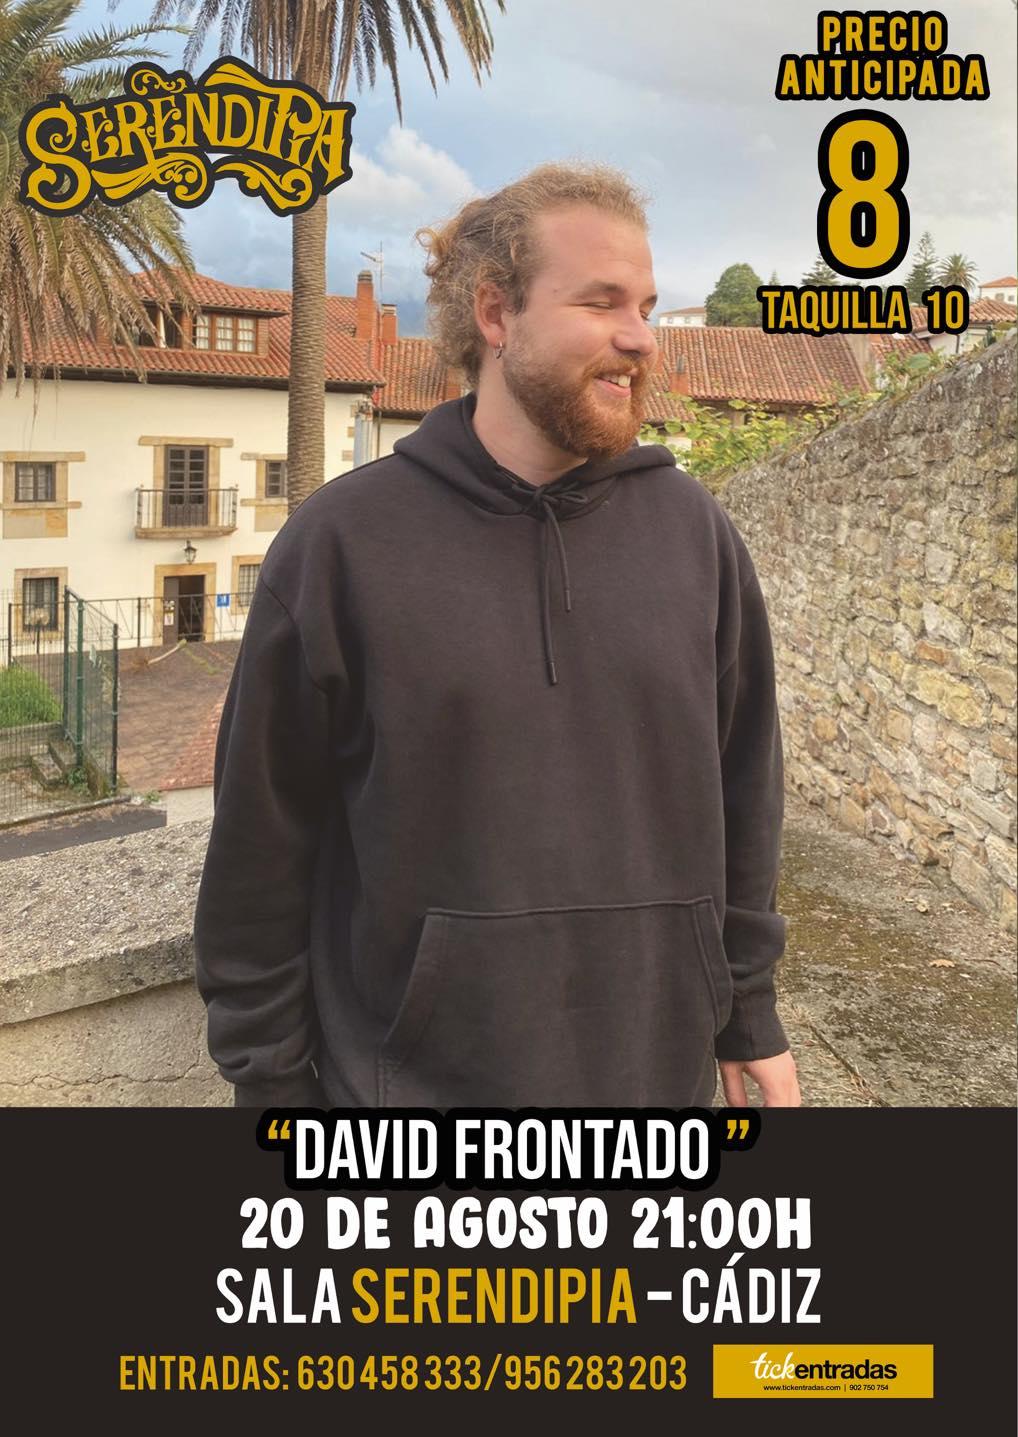 Concierto de David Frontado en Serendipia